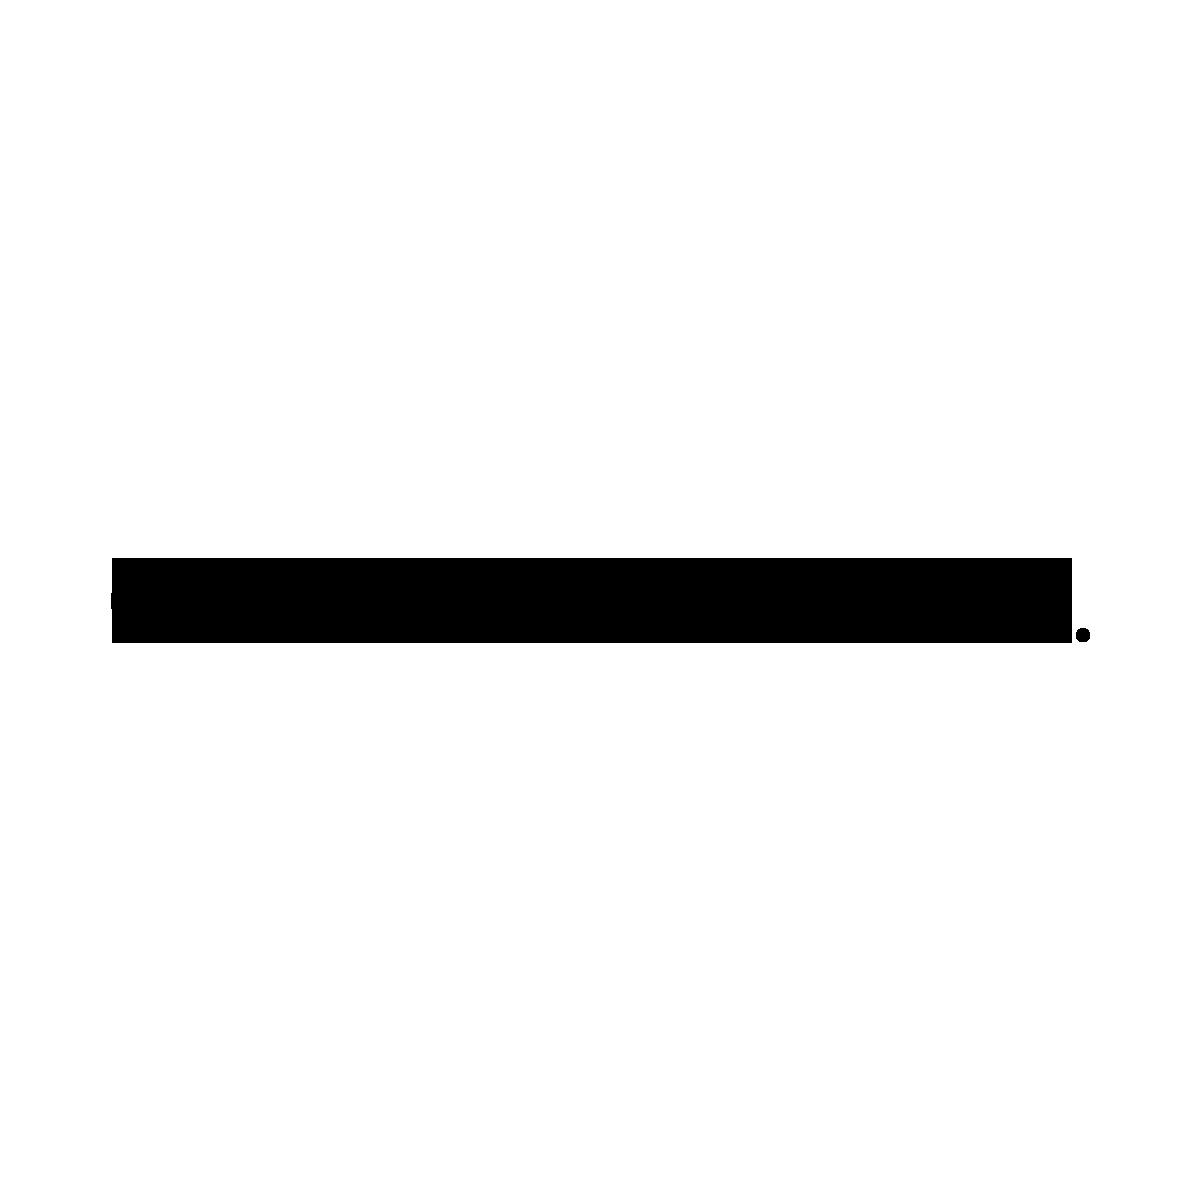 fred de la bretoniere sneaker 101010006 polished leather black detail absatz